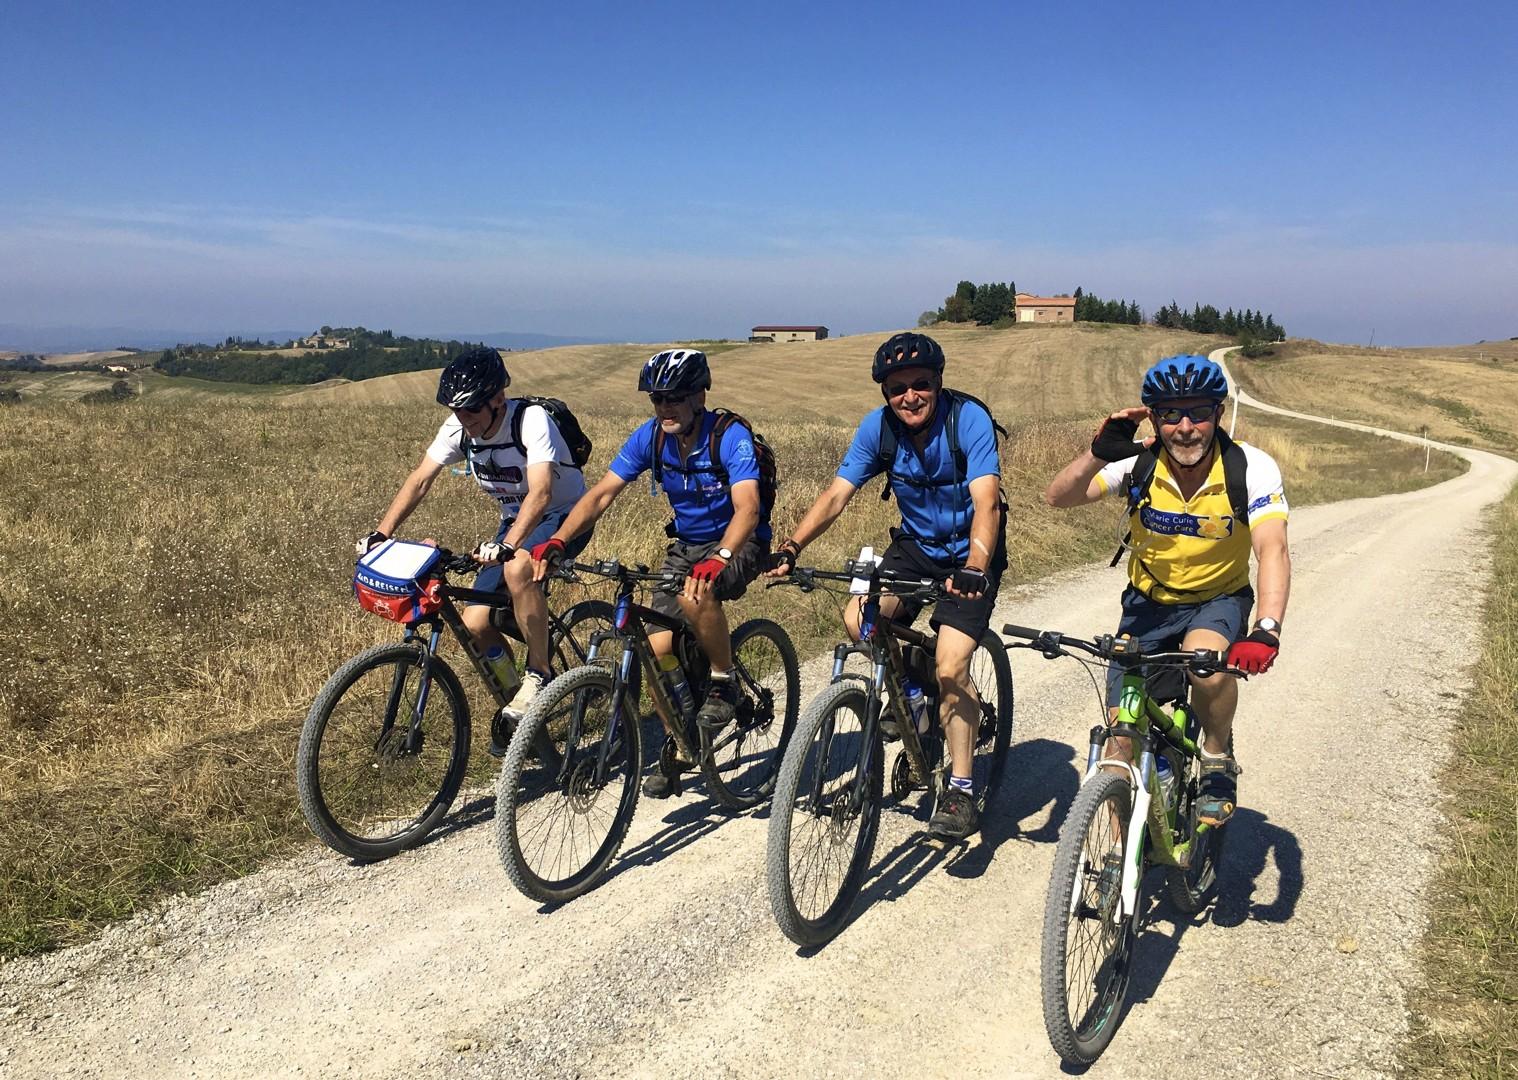 mountain-biking-holiday-italy-tuscany.jpg - Italy - Tuscany - Sacred Routes  - Self Guided Mountain Bike Holiday - Italia Mountain Biking